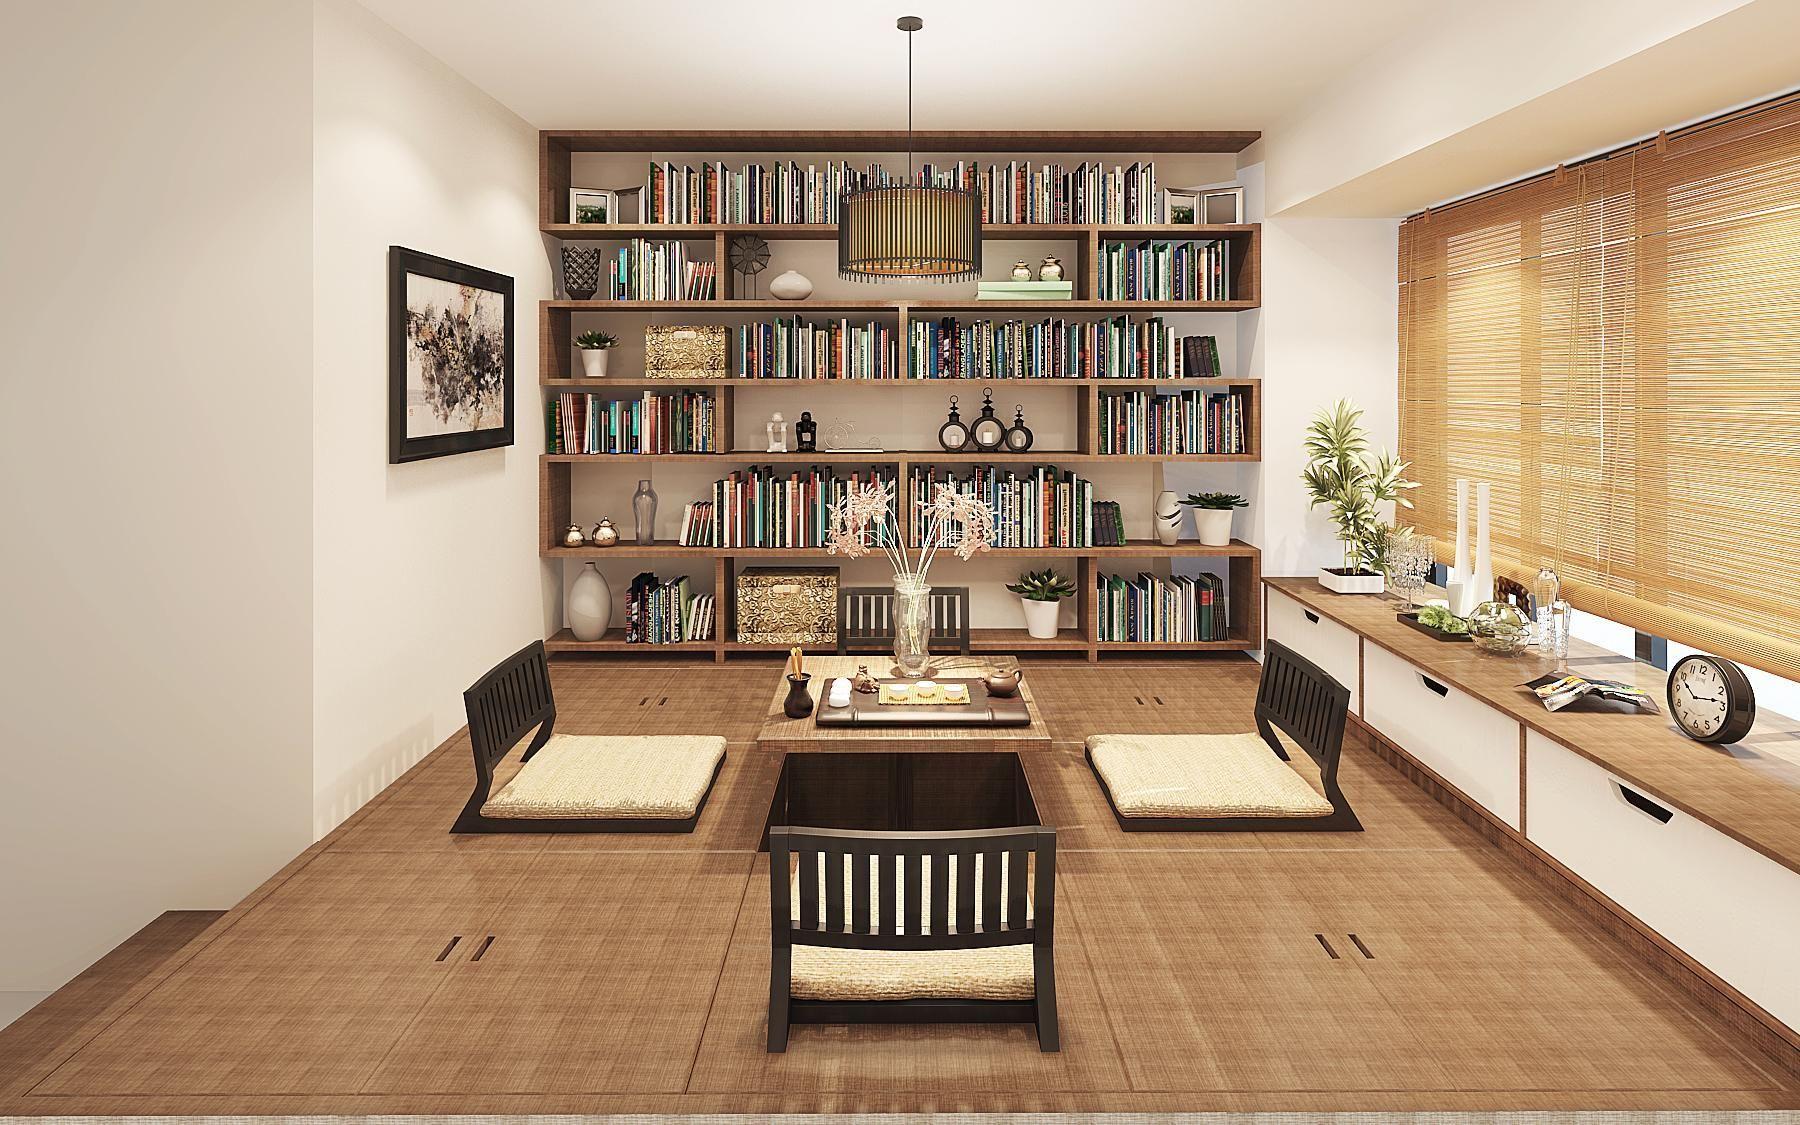 如果你也想把生活变的更加艺术 榻榻米不仅是床 榻榻米与书柜的结合图片